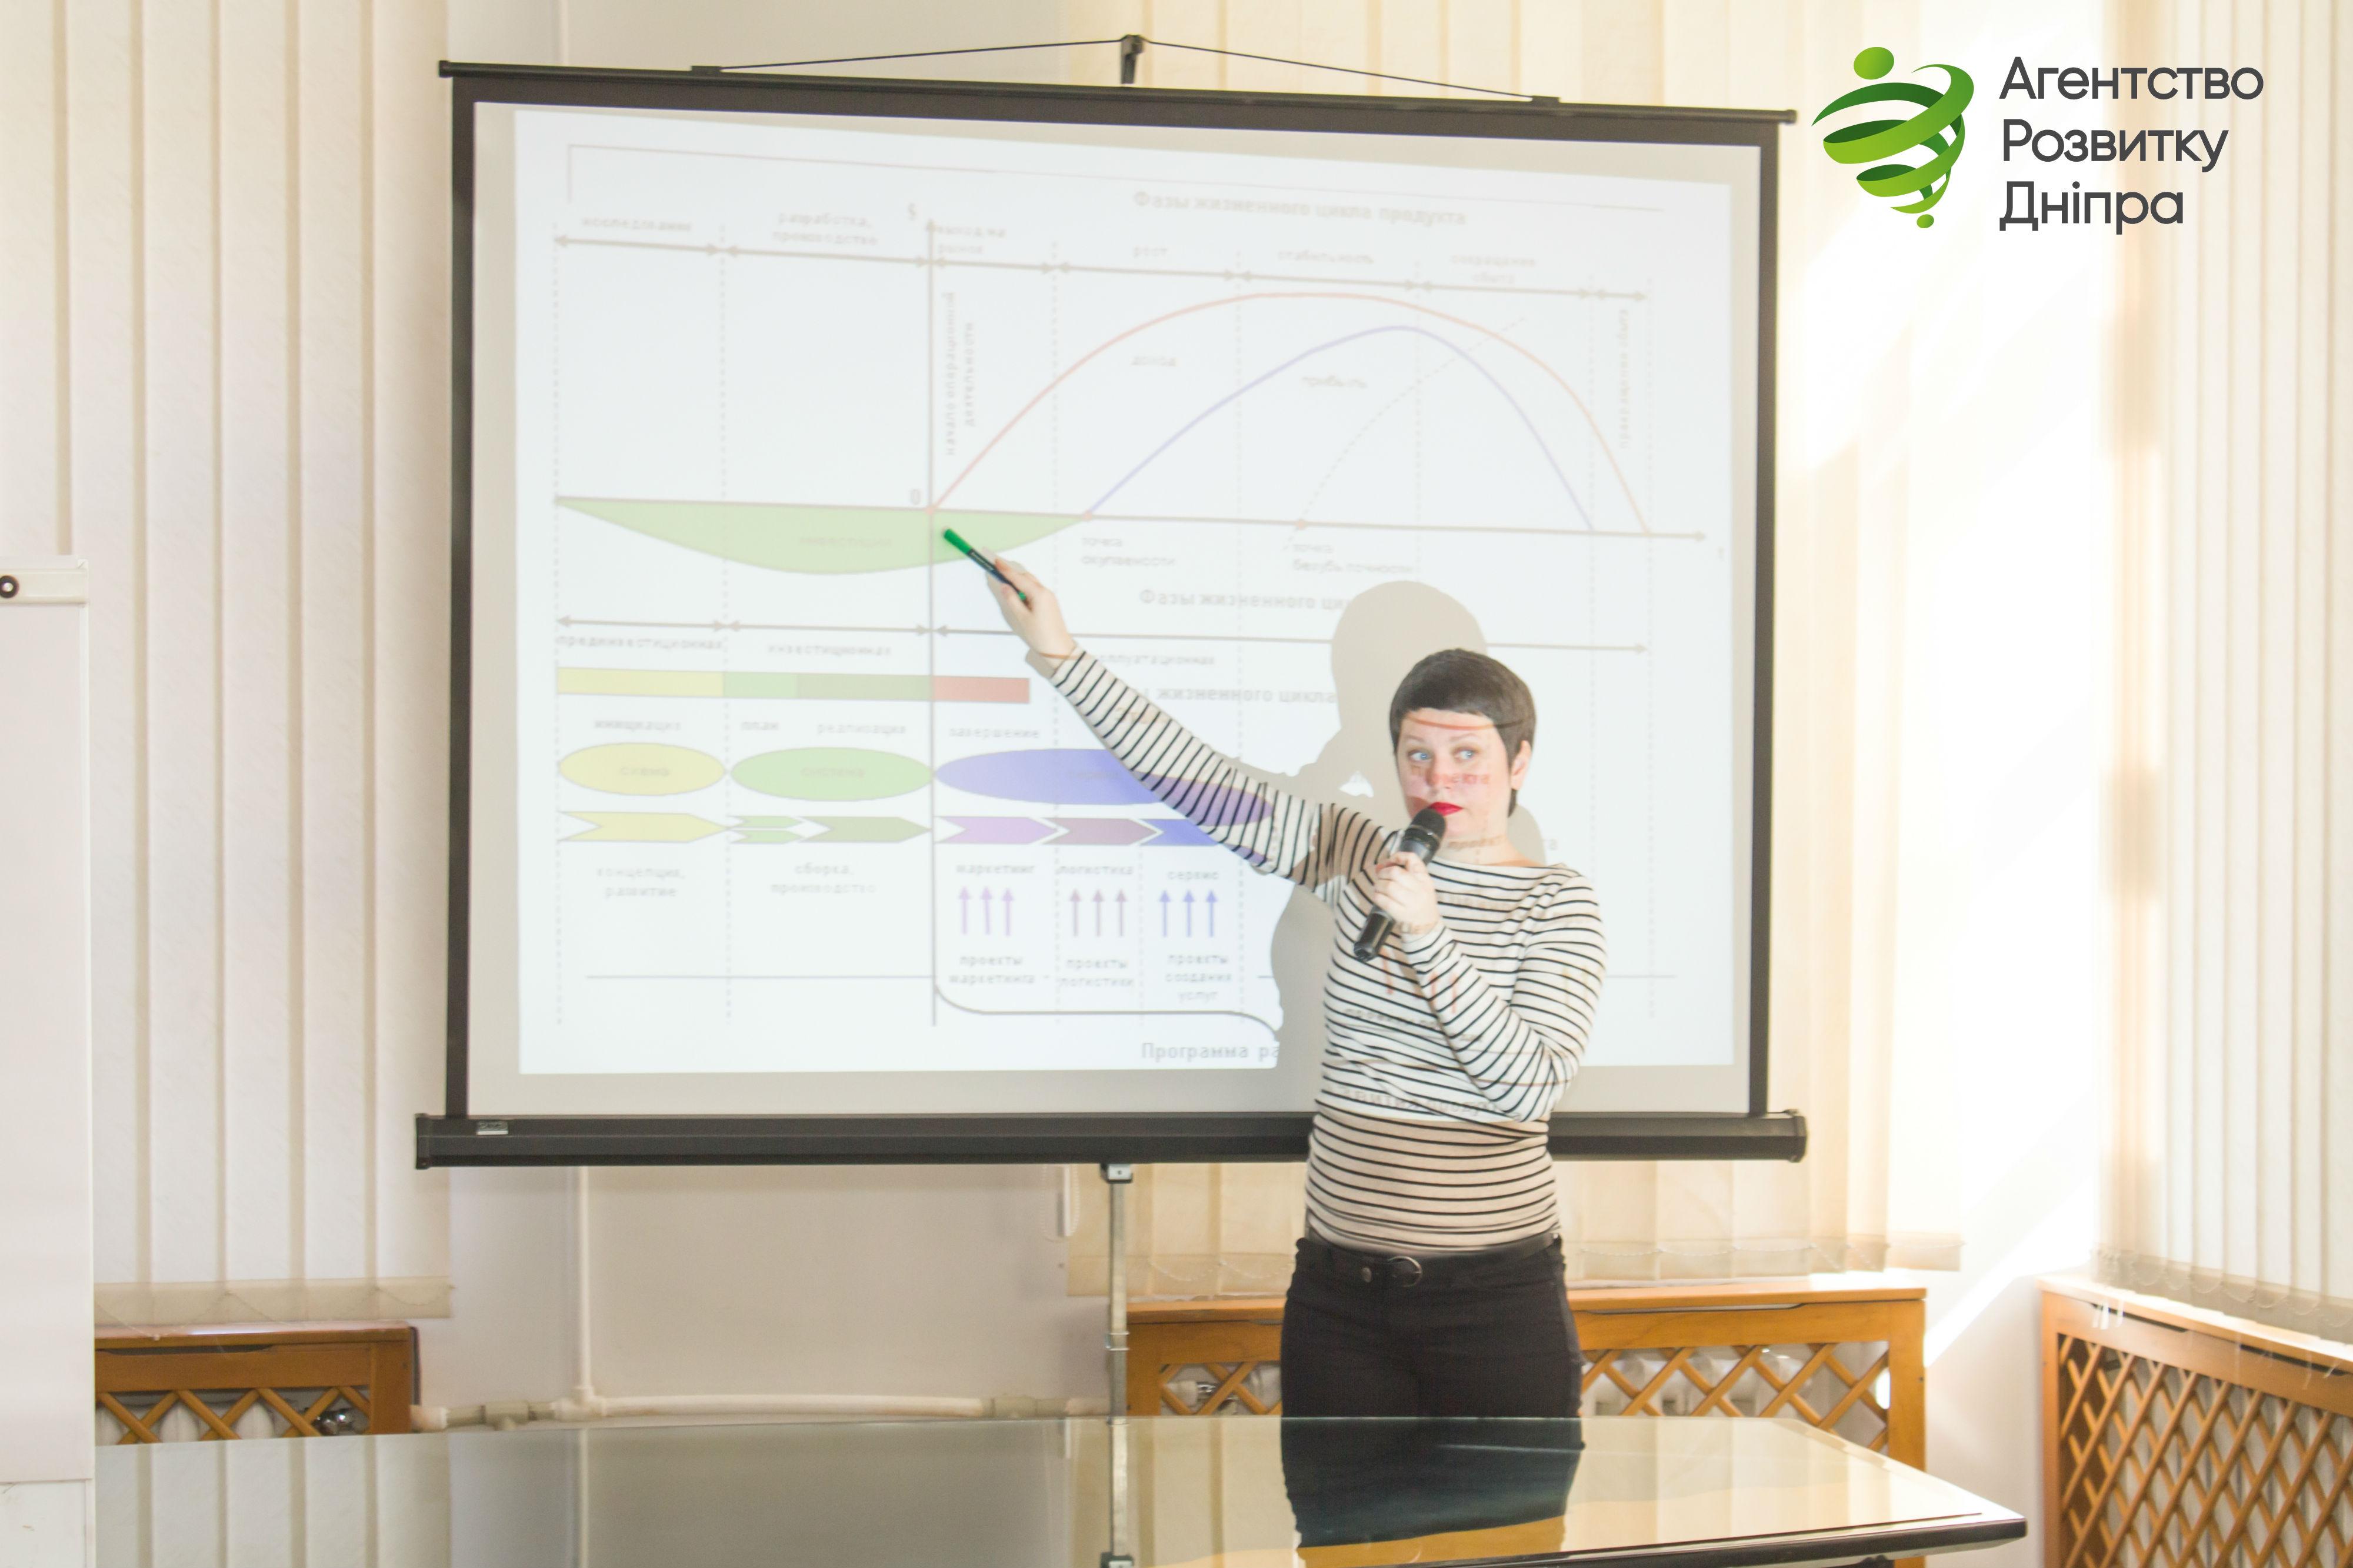 В «Агентстві розвитку Дніпра» відбувся черговий безкоштовний тренінг з управління проектами